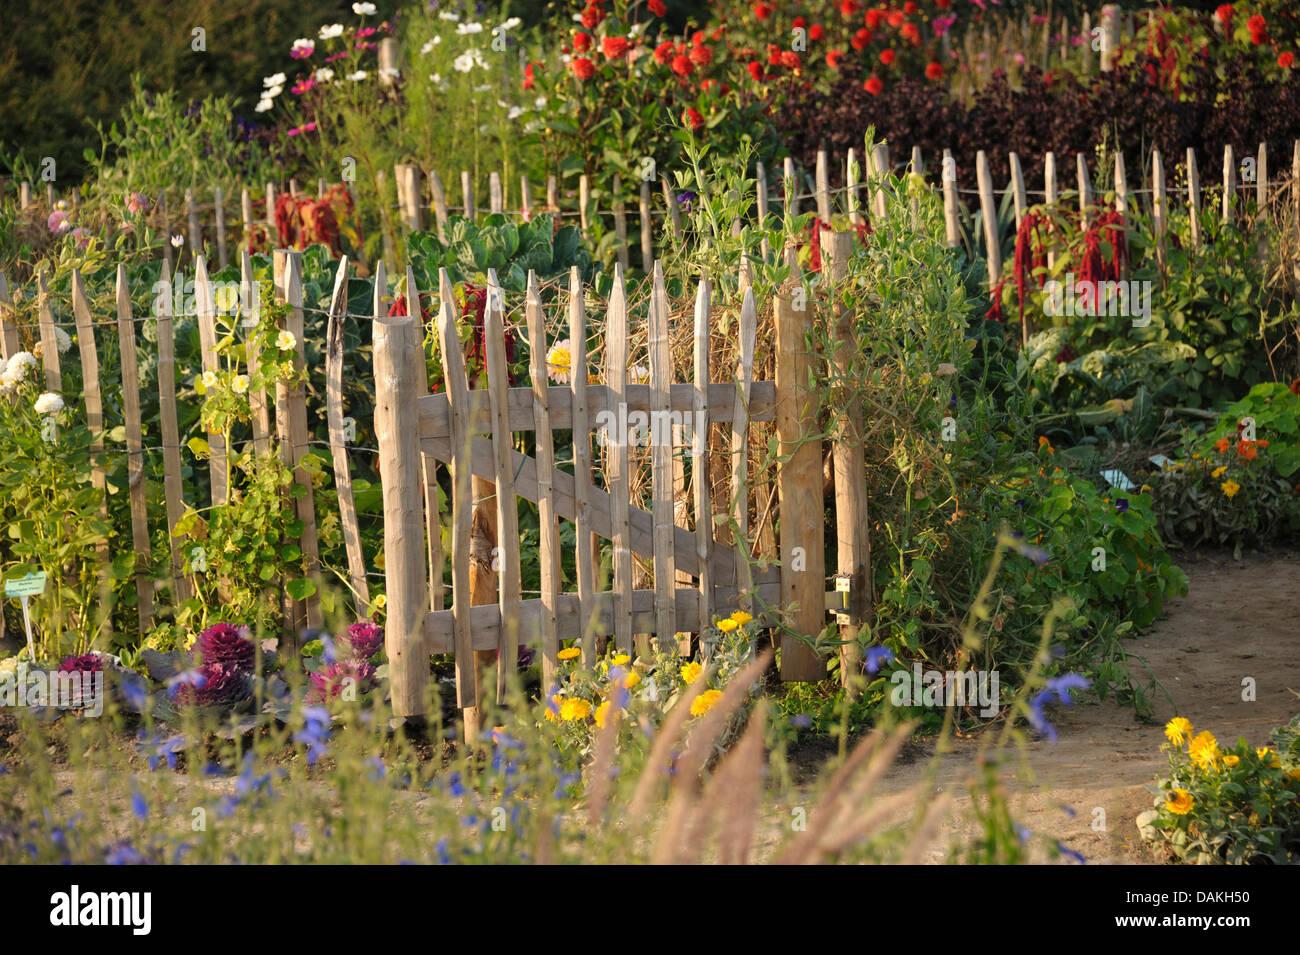 Garden Gates Stock Photos & Garden Gates Stock Images - Alamy